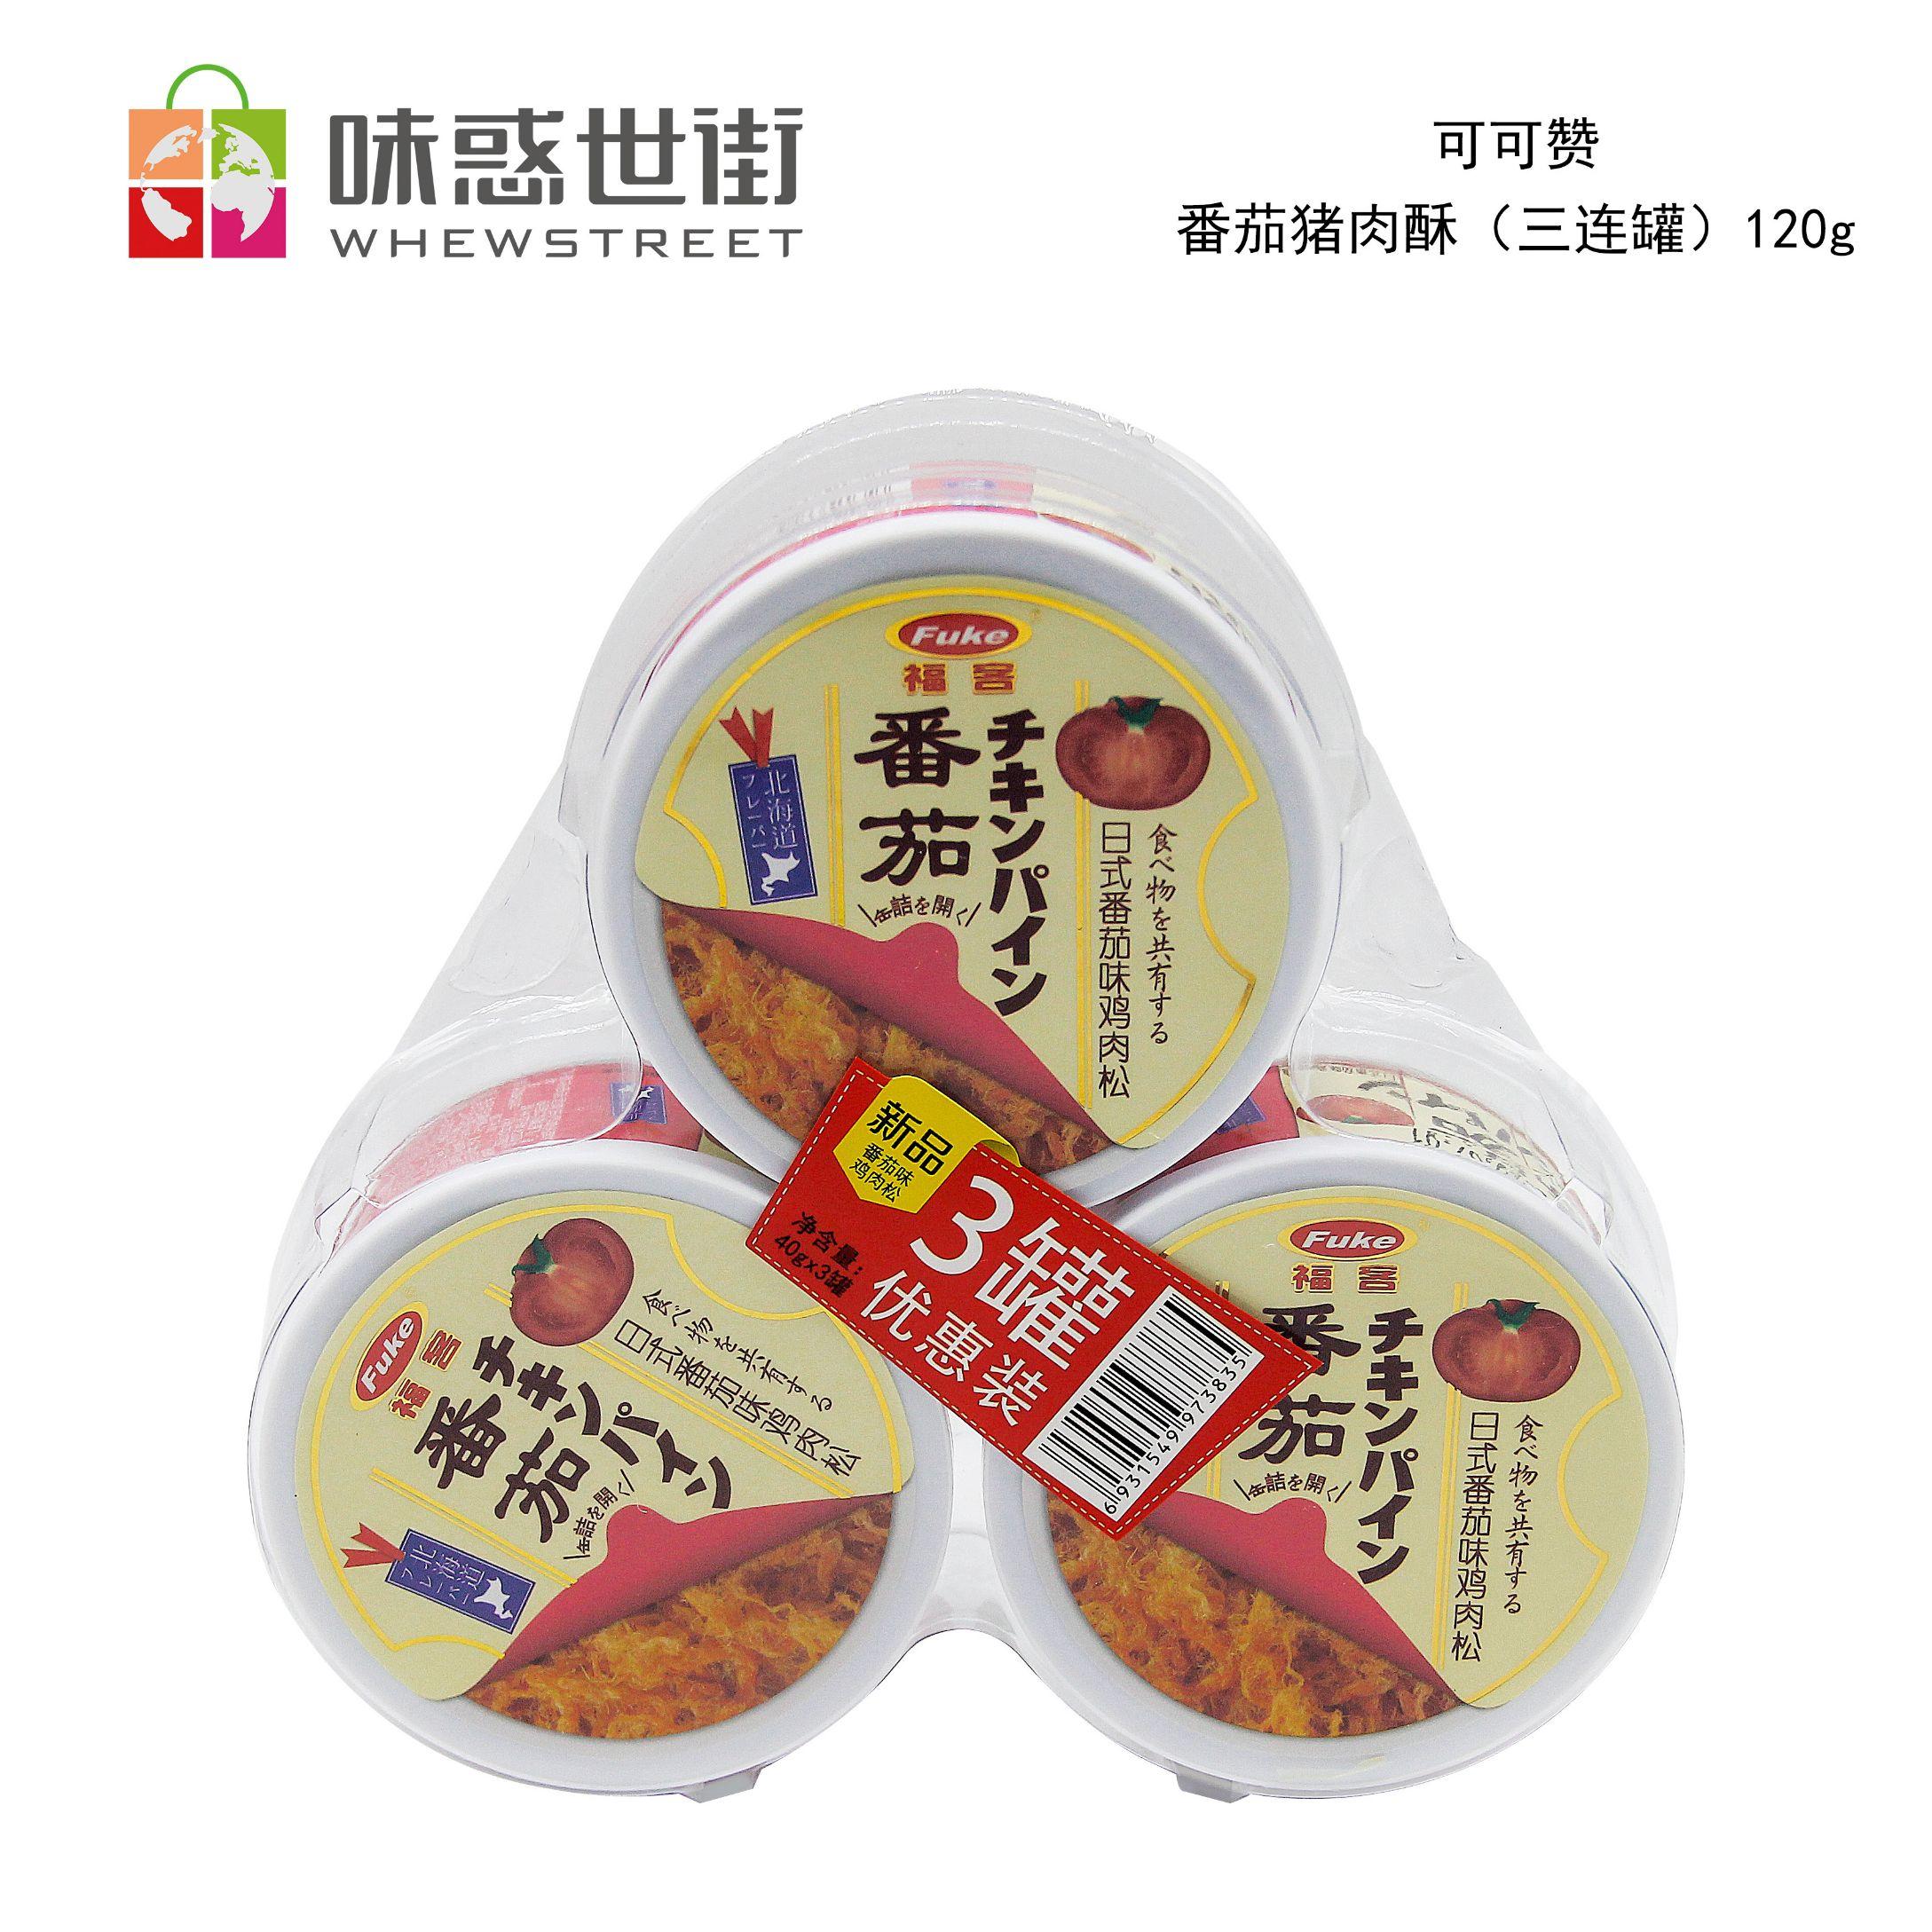 可可赞 番茄猪肉酥(三连罐)120g